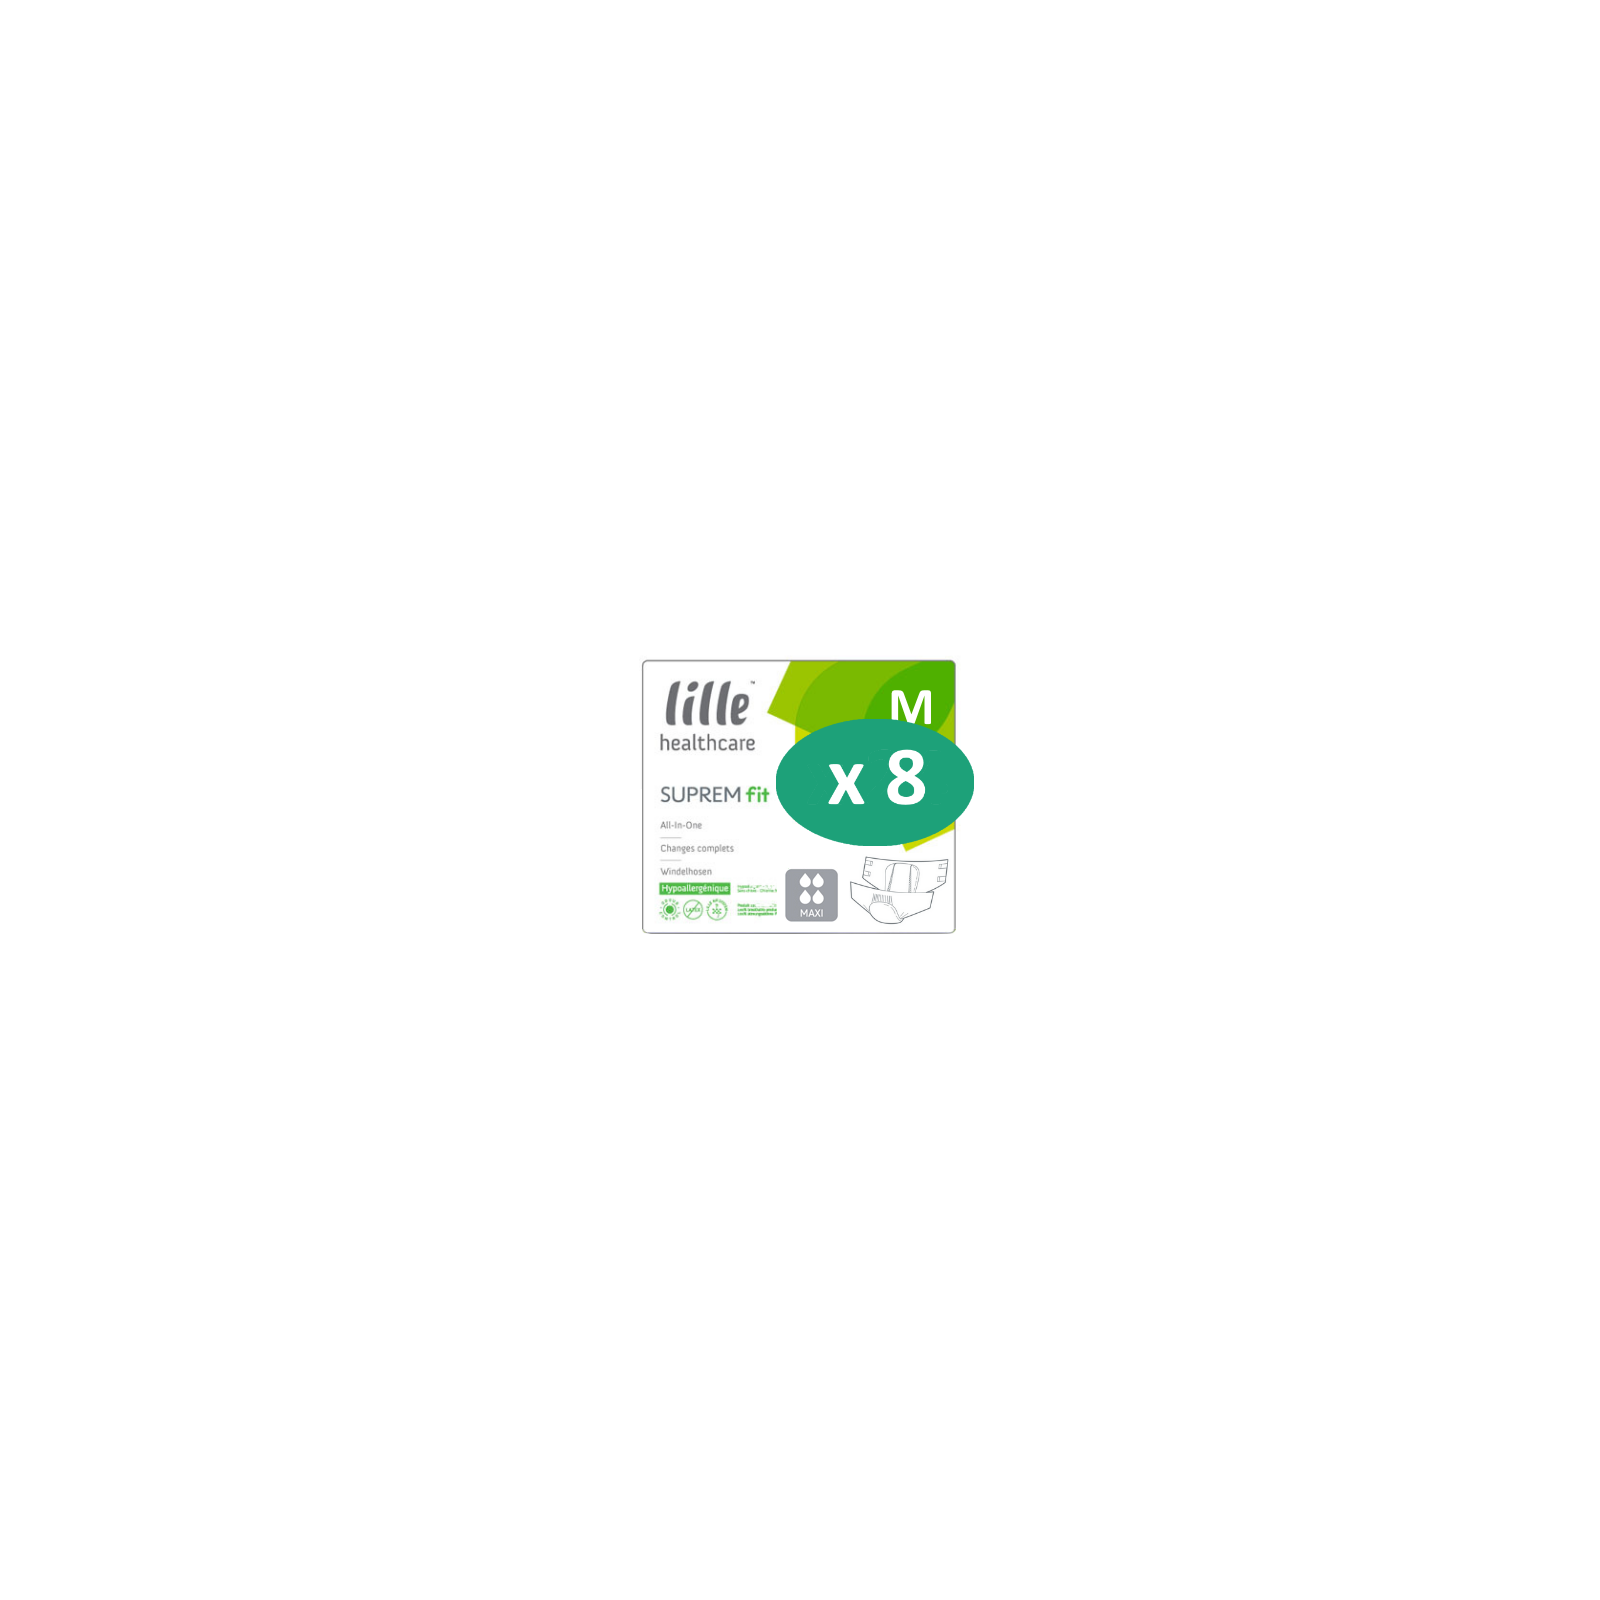 8 paquets de Lille Suprem Fit Maxi Medium| SenUp.com